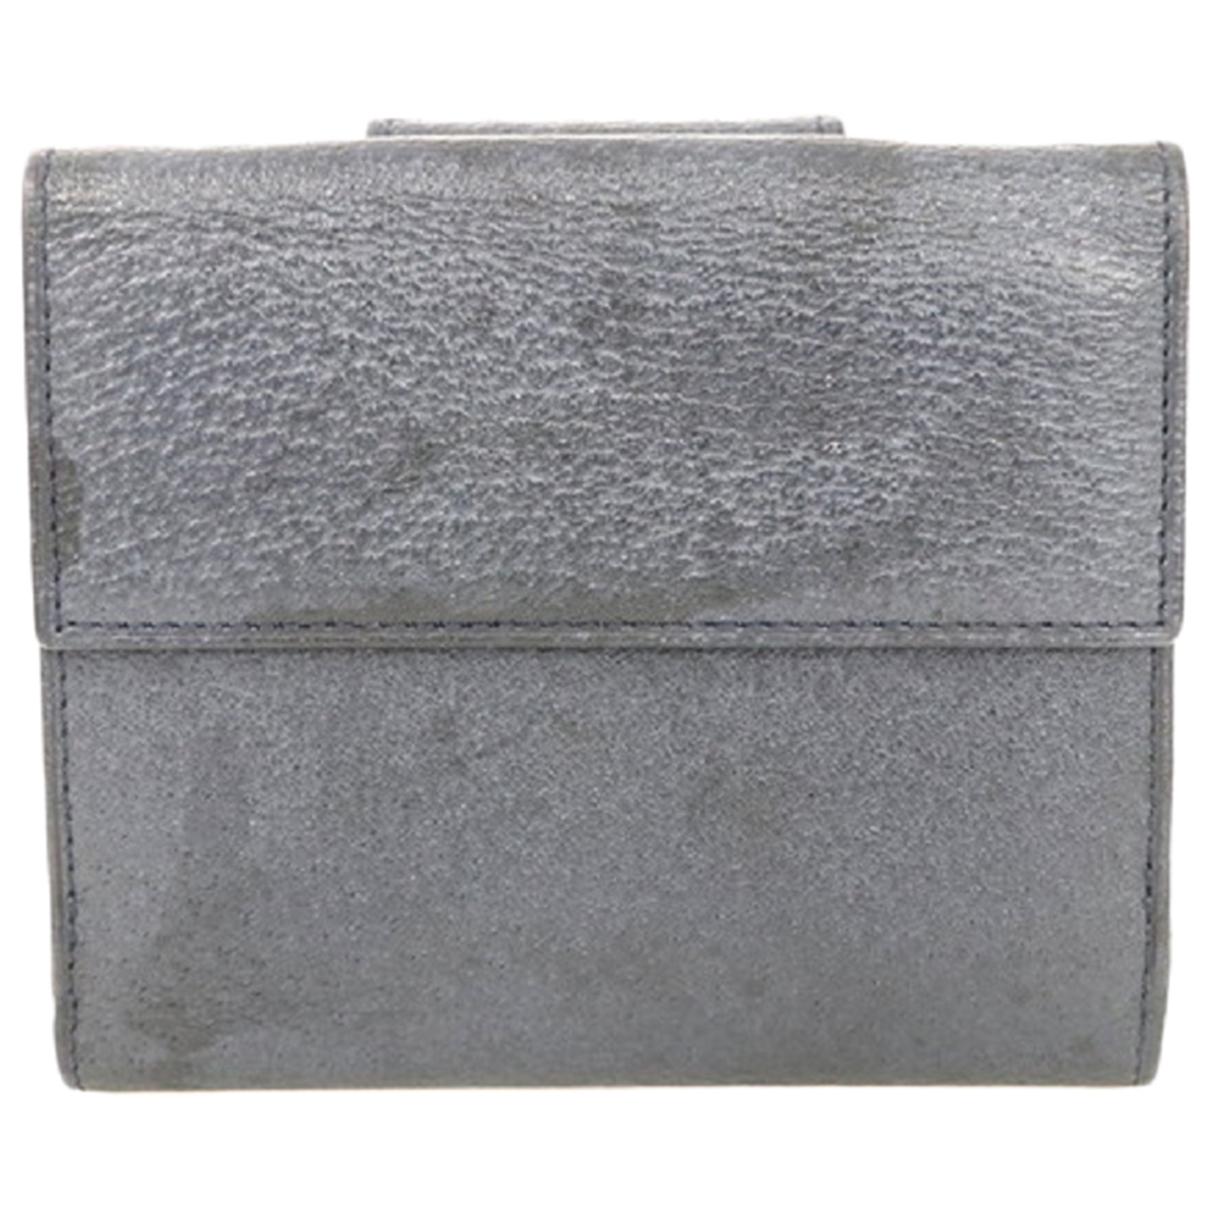 Bvlgari \N Portemonnaie in Leder